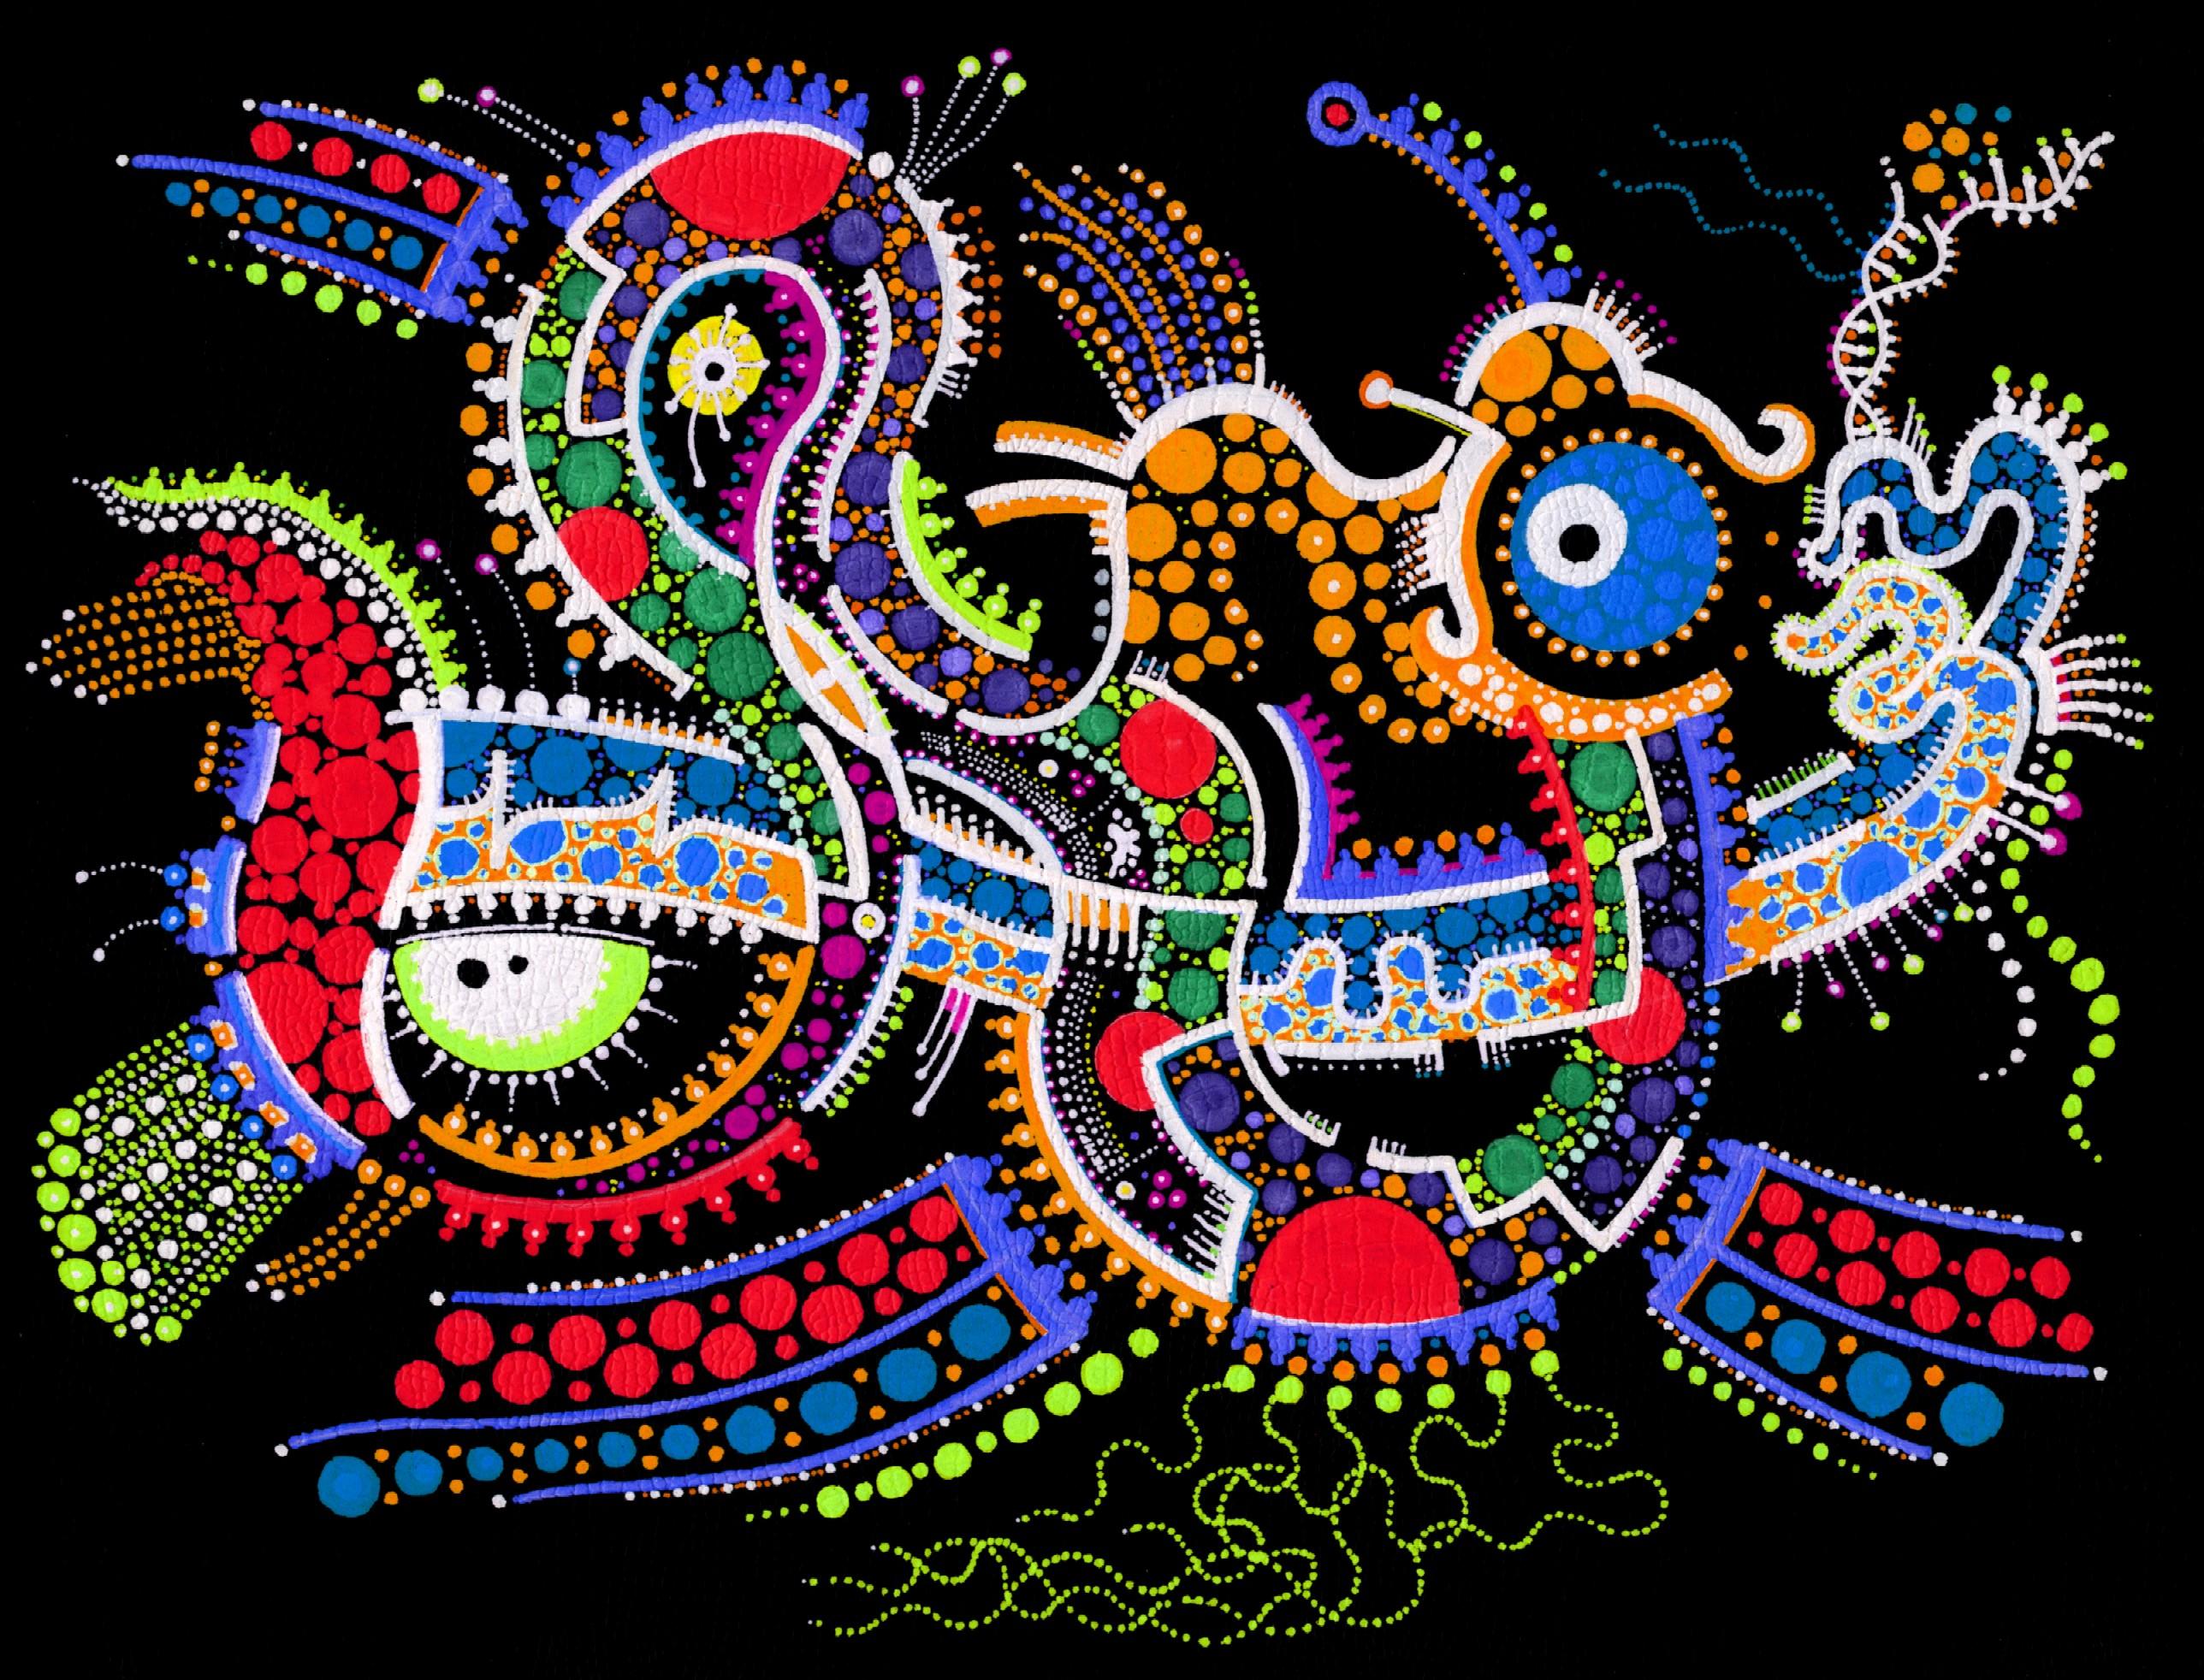 Wallpaper : fish, ART, cat, 3D, render, space, Jazz, drawings